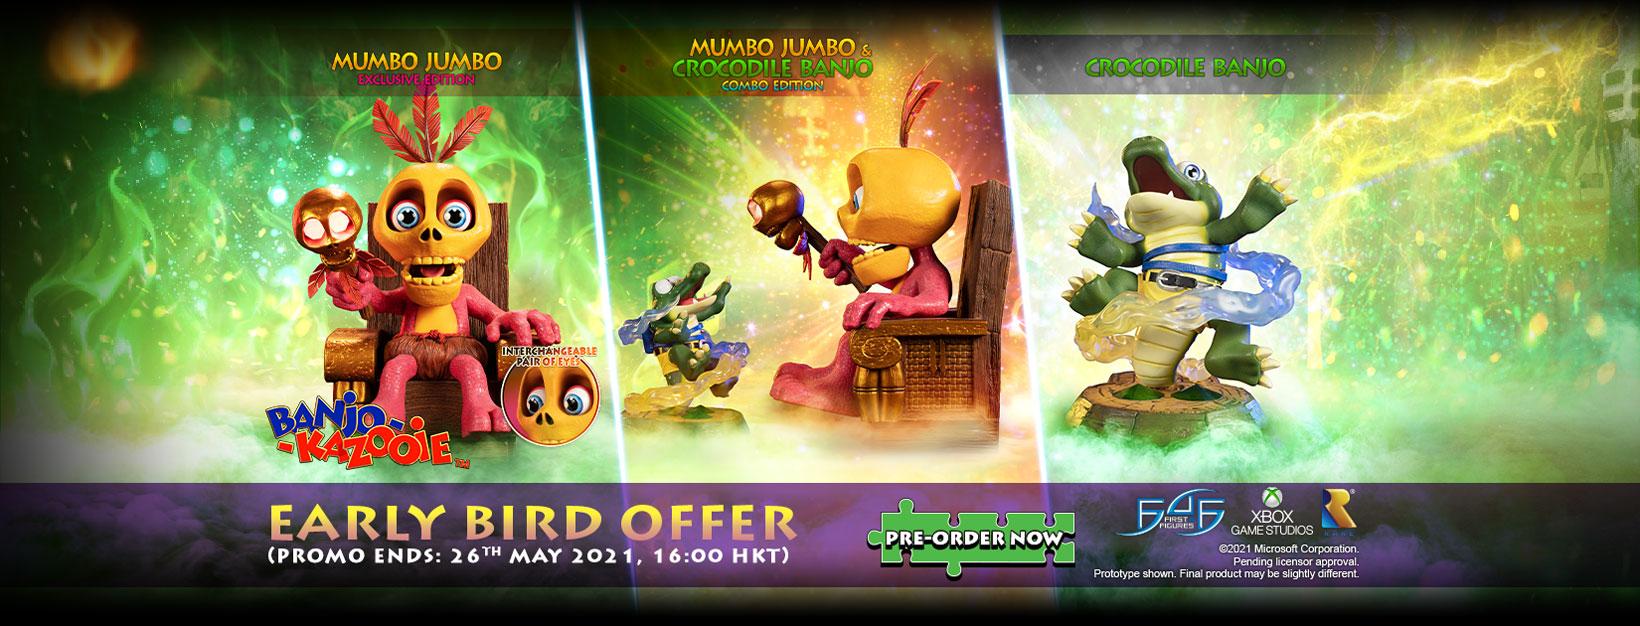 Banjo-Kazooie™ – Mumbo Jumbo statue Early Bird Offer